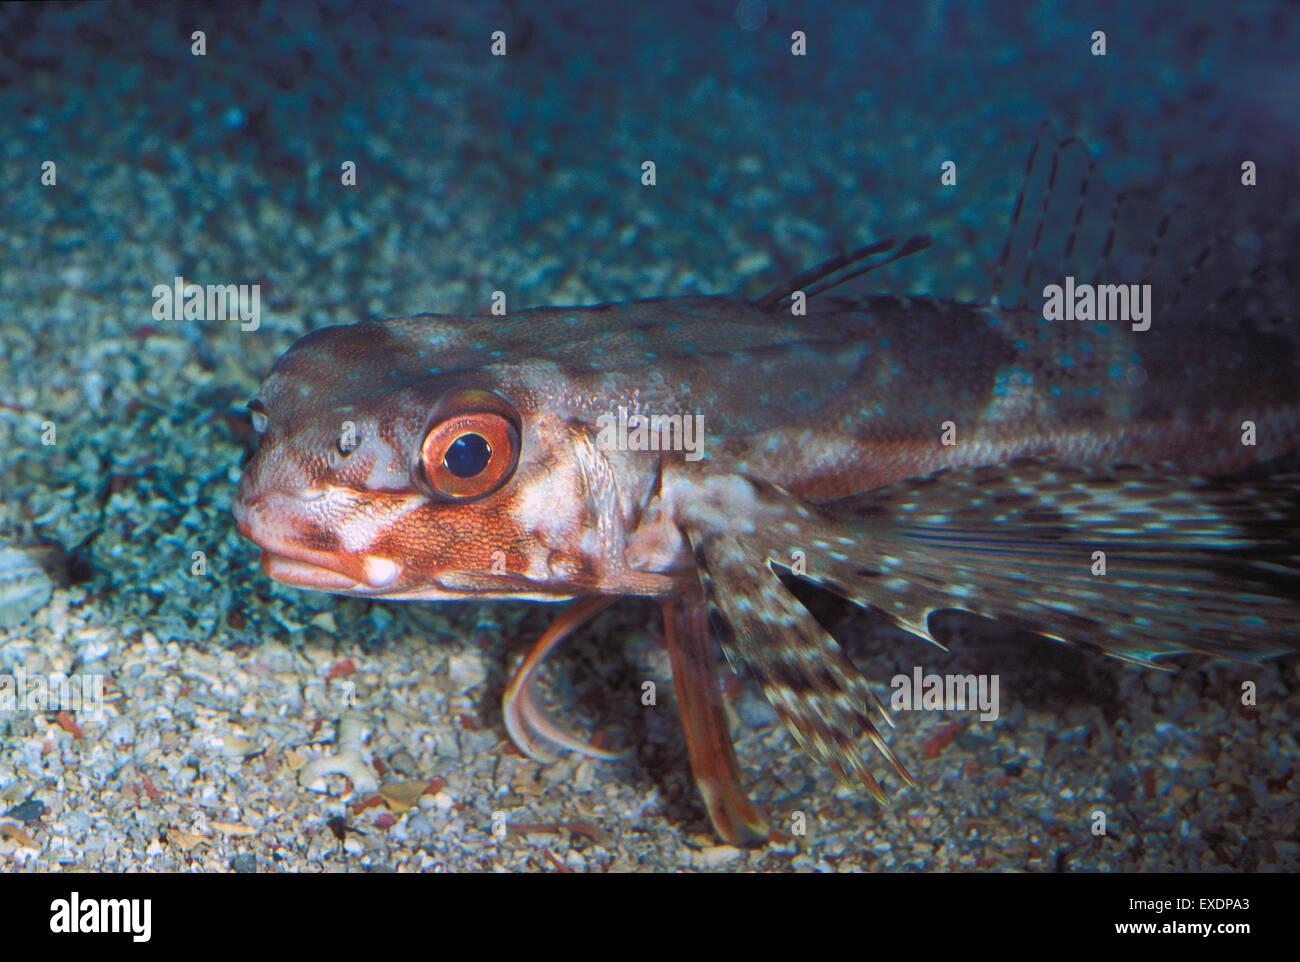 pesce civetta pesci marini mediterraneo acquario stock